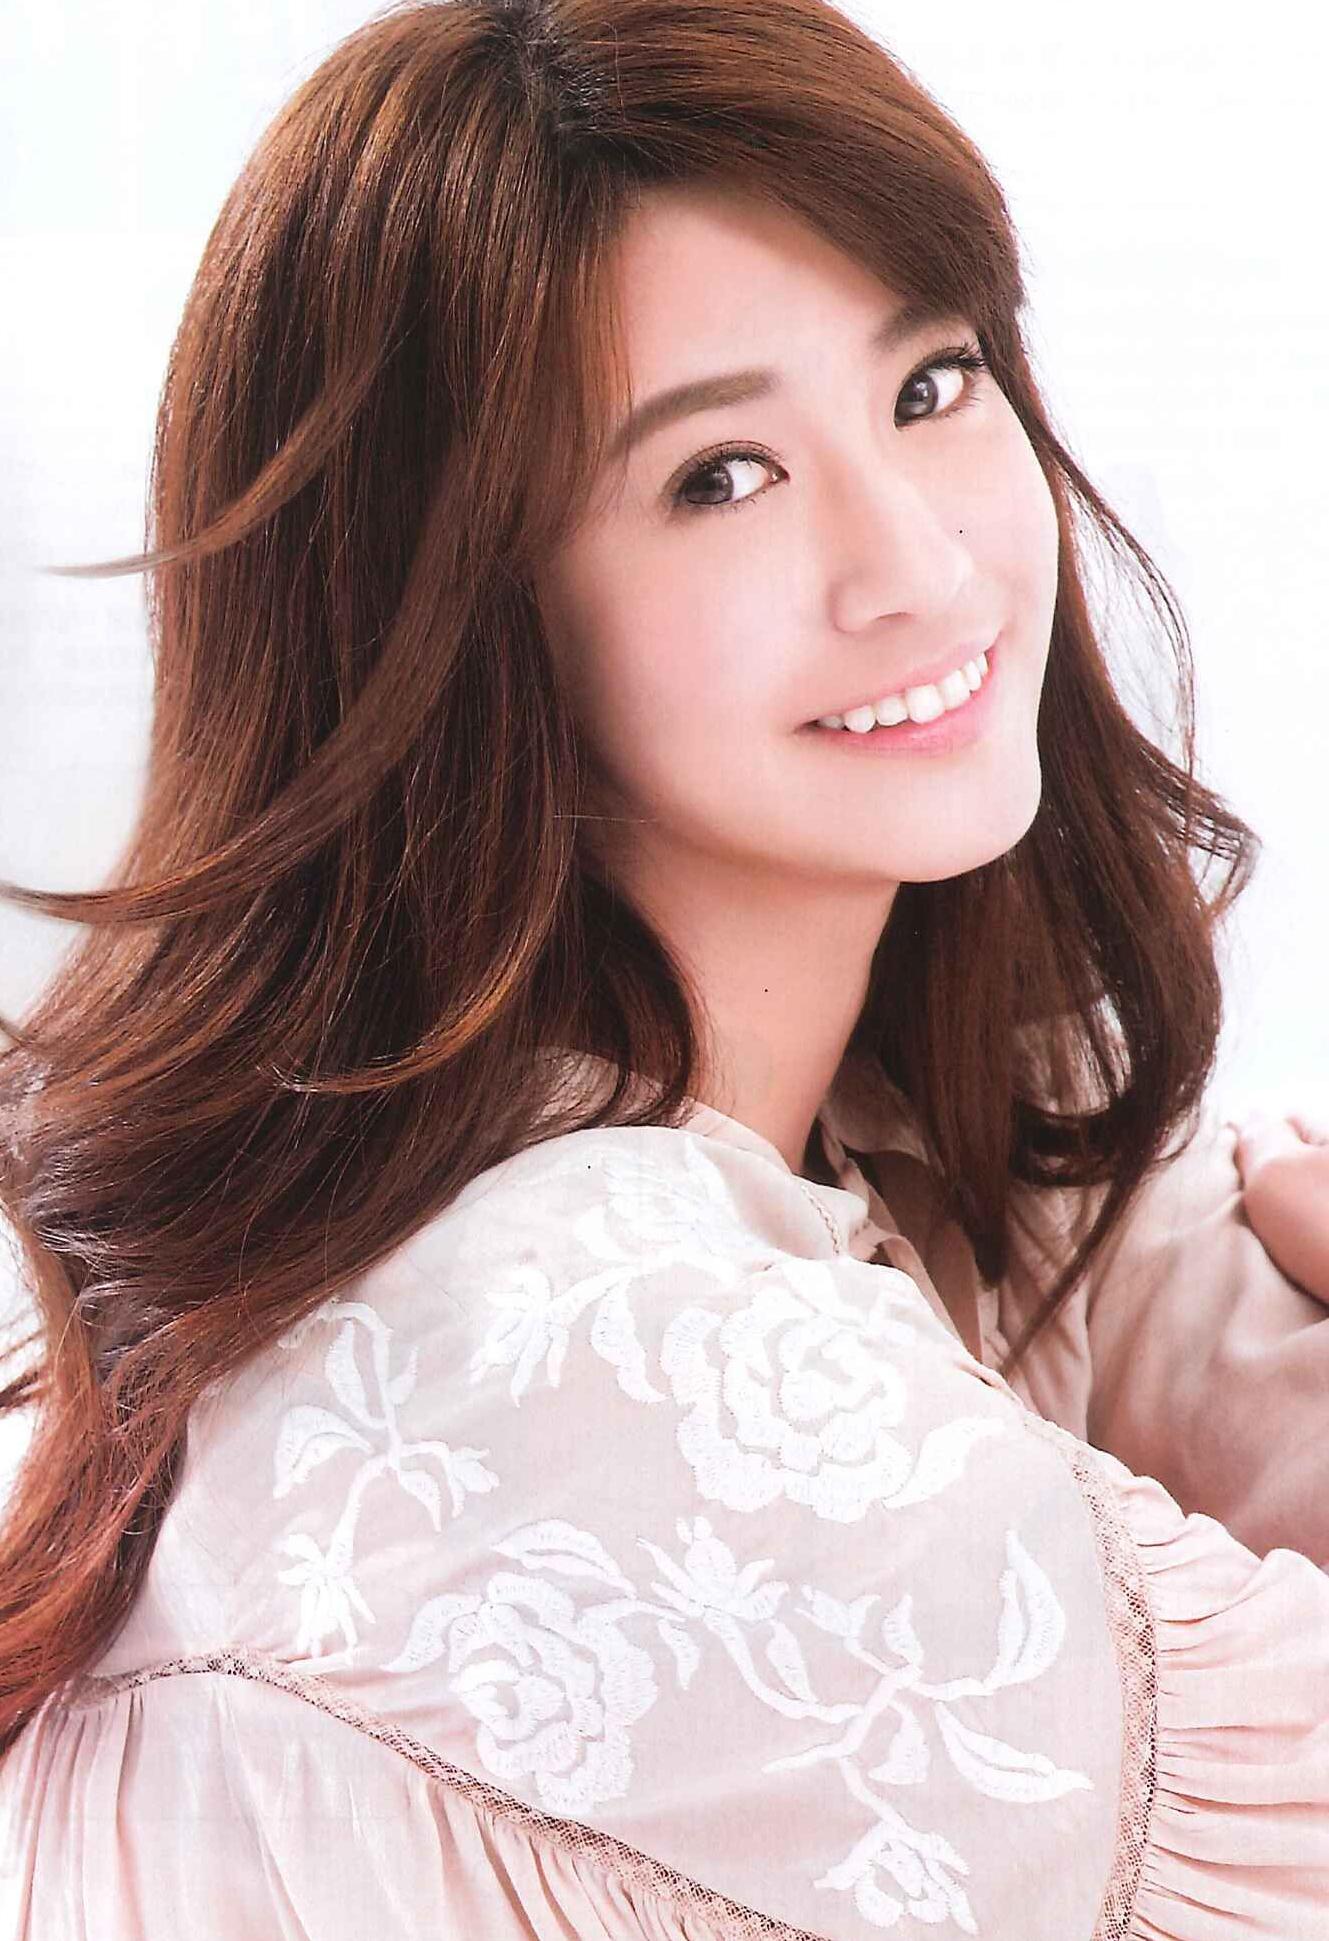 Chen Jing Xuan